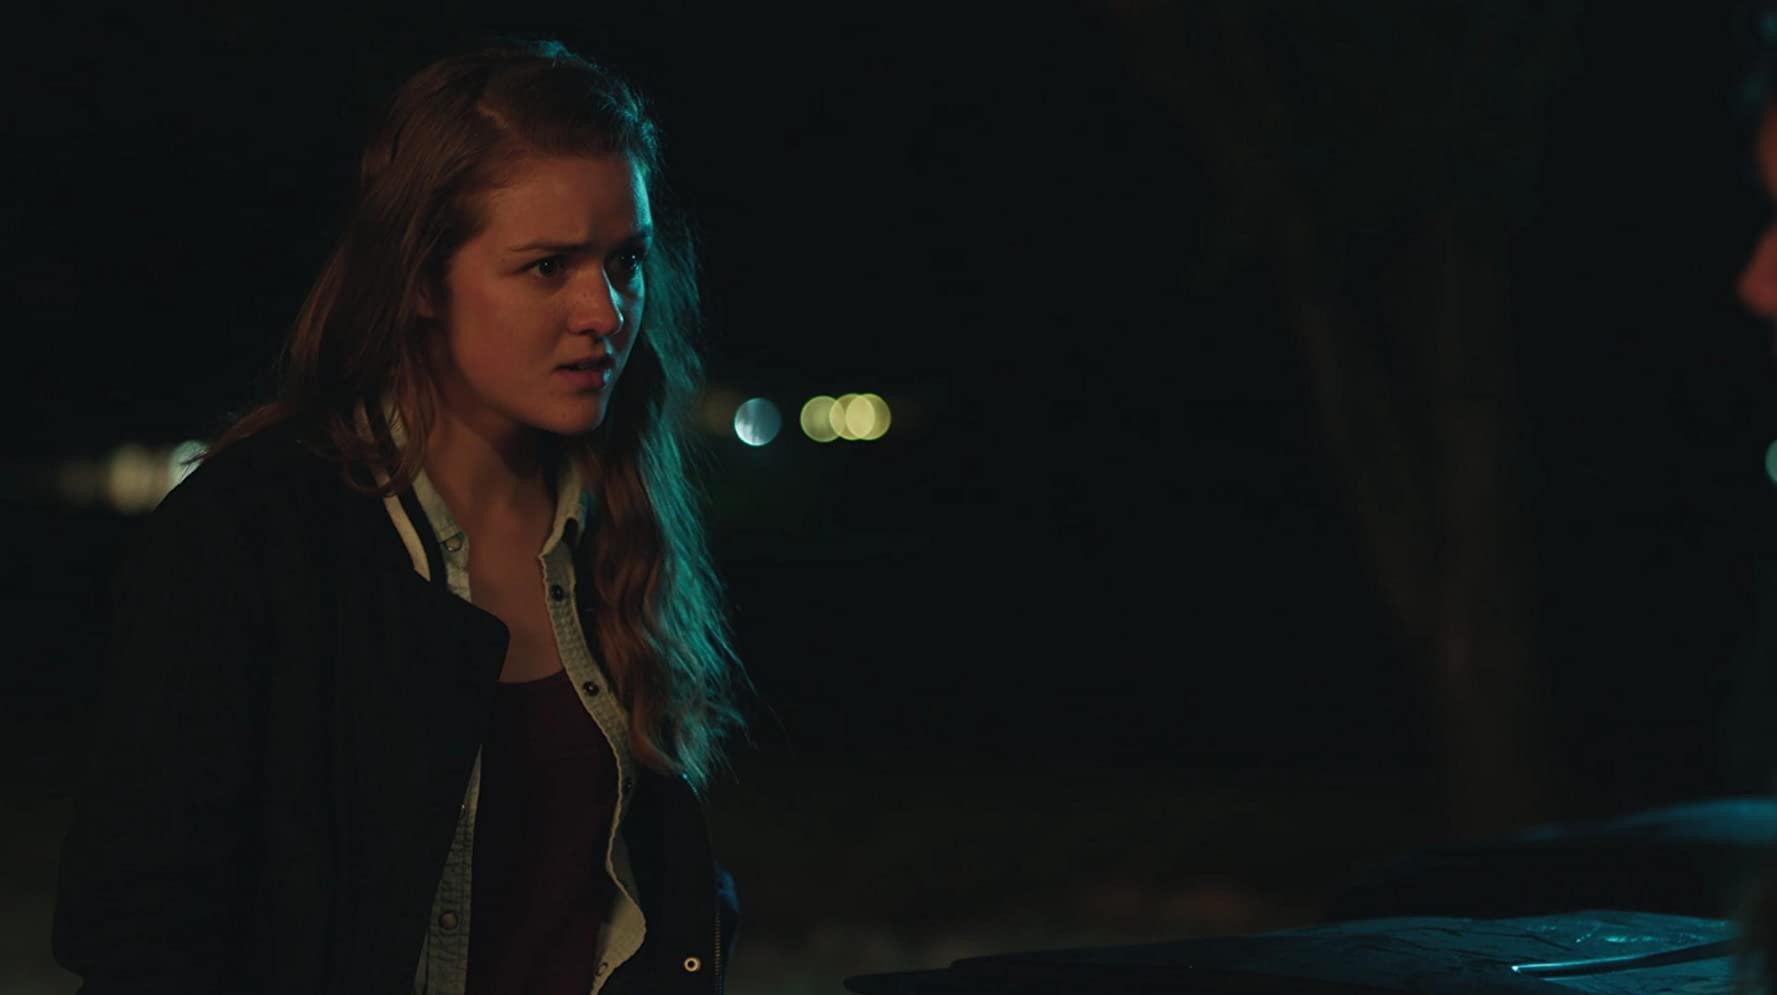 مشاهدة فيلم Kindred Spirits (2019) مترجم HD اون لاين